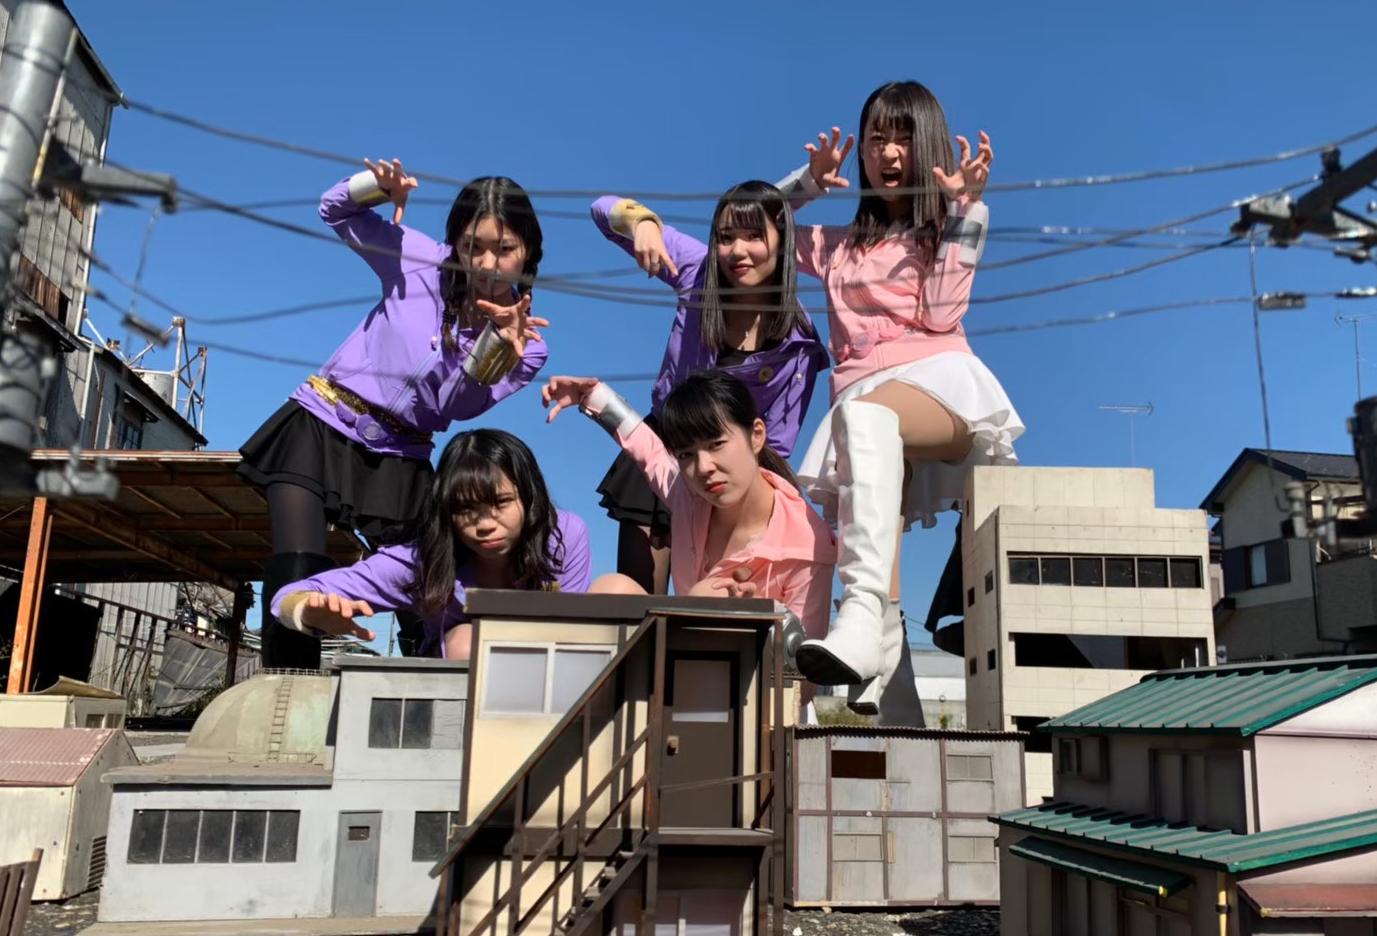 オーディション 特撮ドラマ「マイティレディ」シリーズ メインキャスト女性募集 日本だけでなく海外からも絶大な人気を誇る特撮コンテンツで世界デビュー 主催:アプリコット、カテゴリ:アイドル(特化系)